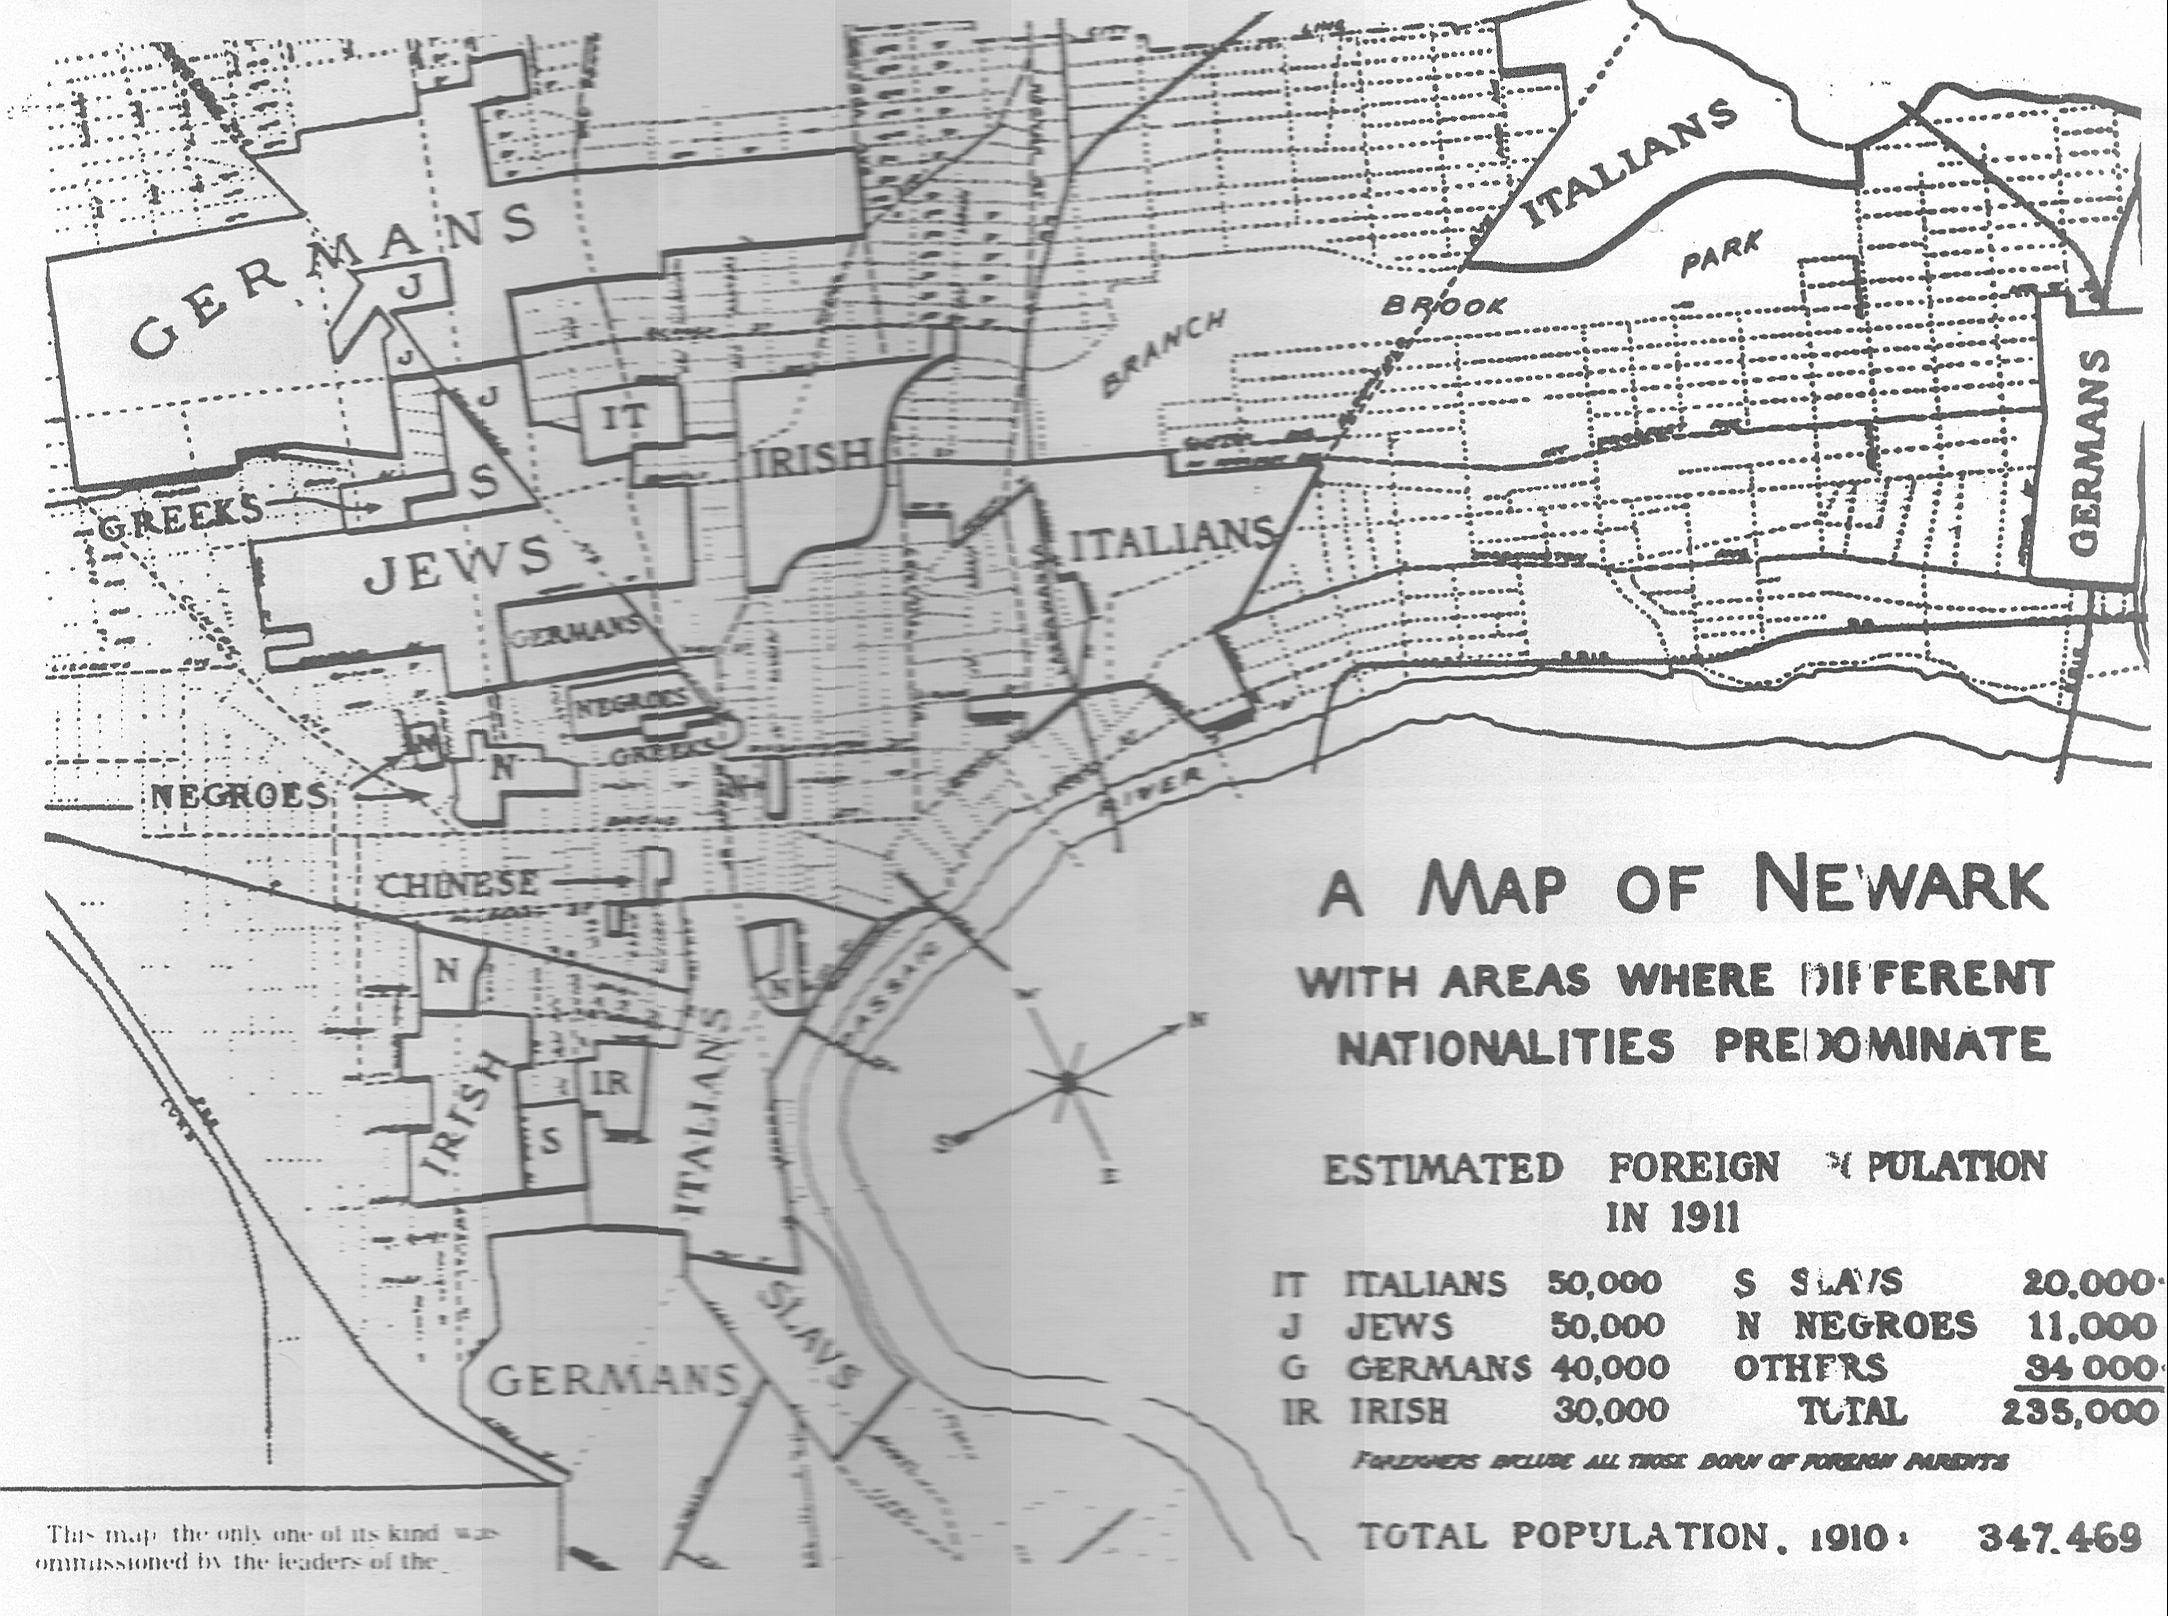 Ethnic map of newark neighborhoods 1911 image newjerseyalmanac ethnic map of newark neighborhoods 1911 image newjerseyalmanac aiddatafo Image collections